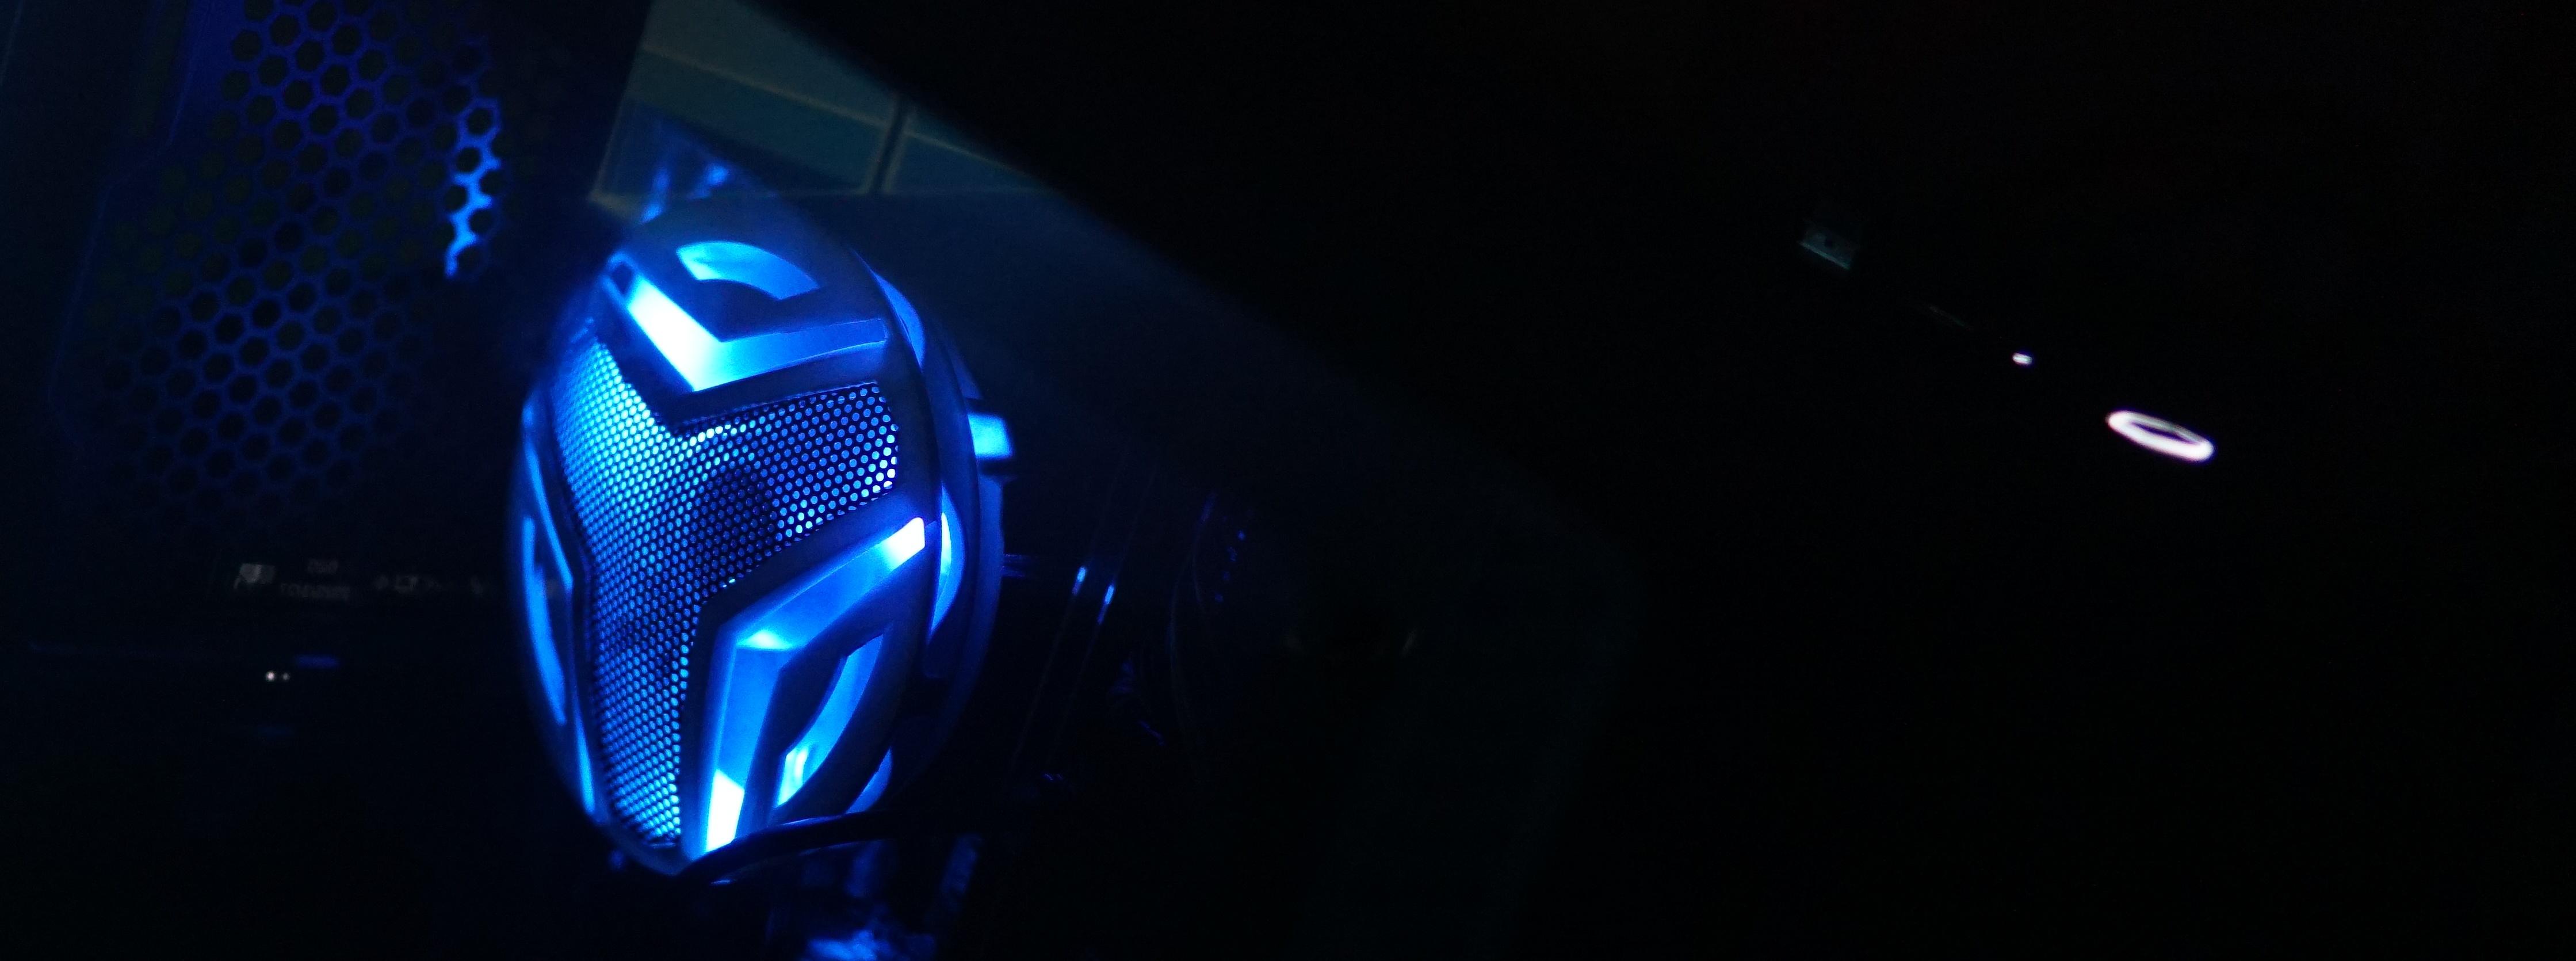 酷冷至尊MB400L智瞳机箱装机及踩坑排查经历